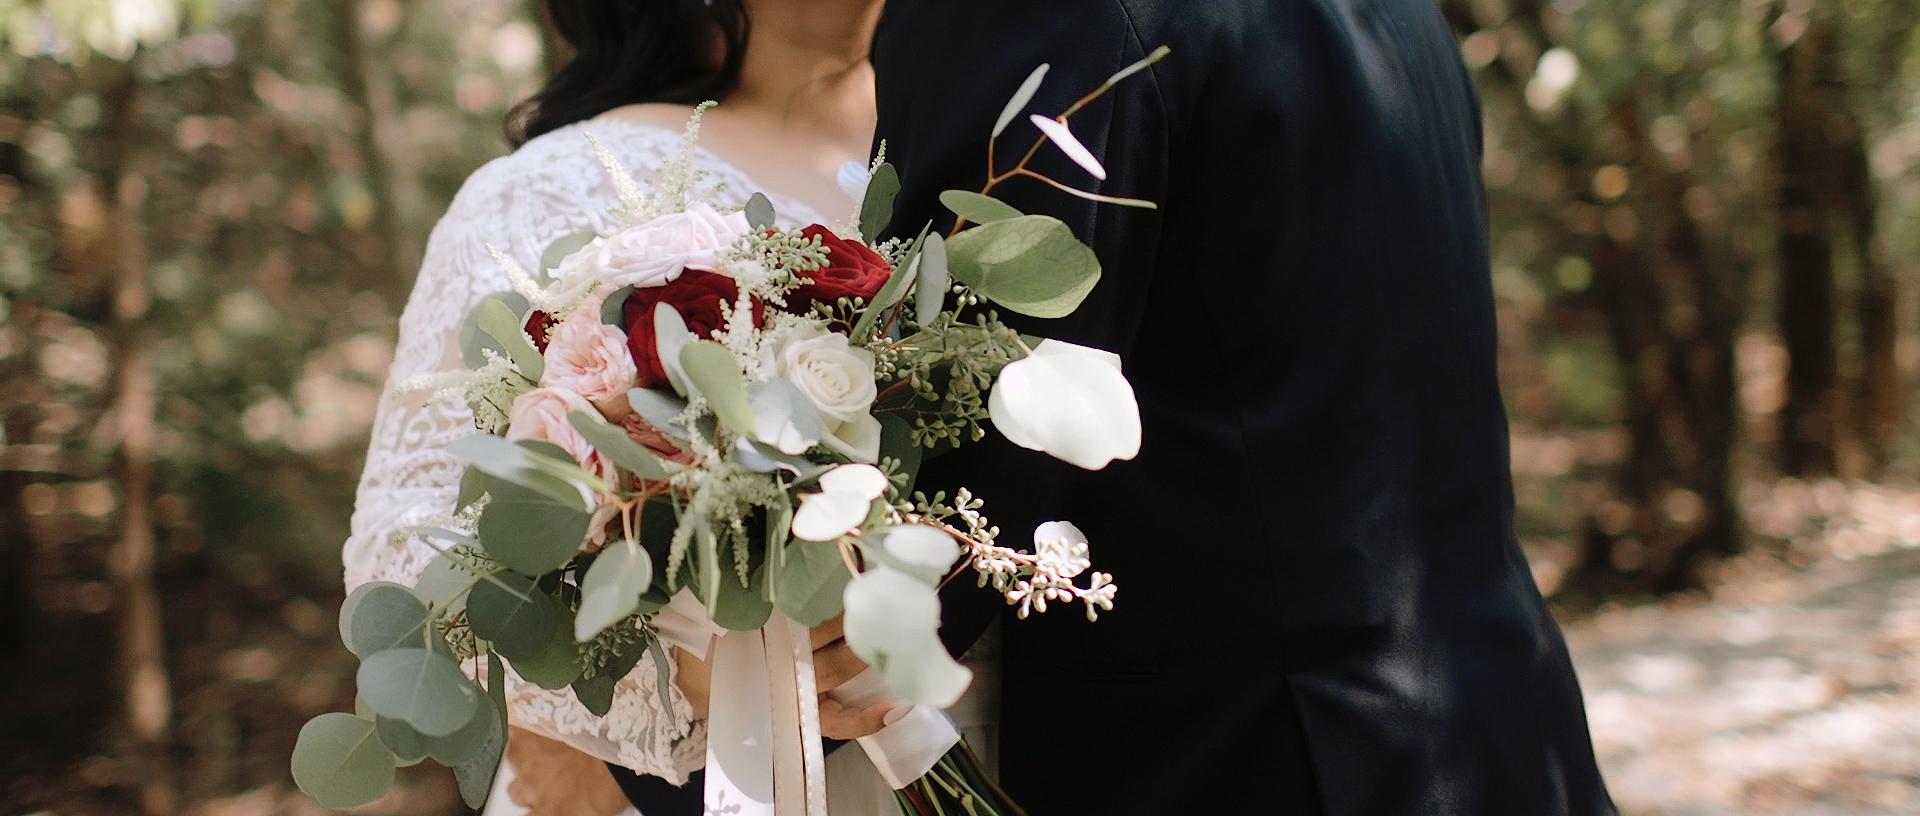 Wichita-kansas-wedding-bouquet